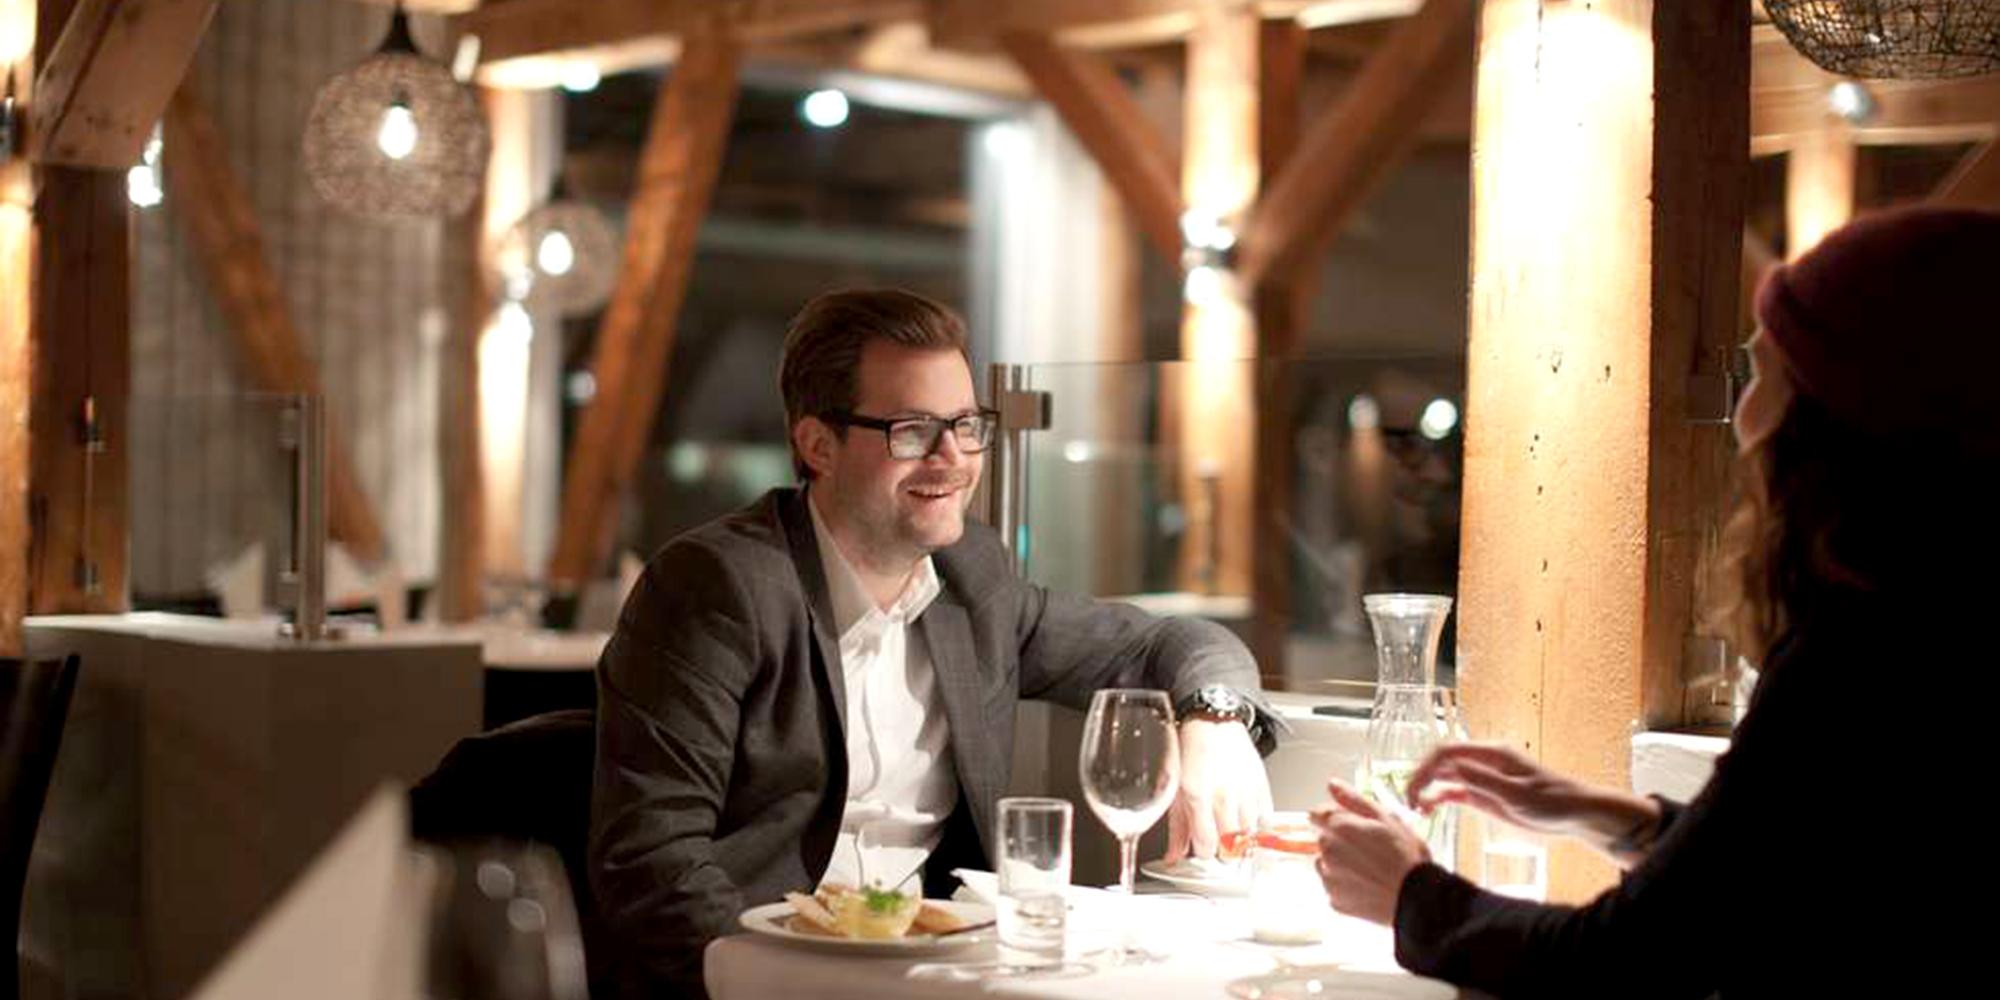 Ørens Meieri på Verdal, et par nyte maten. Copyright: Ørens Meieri